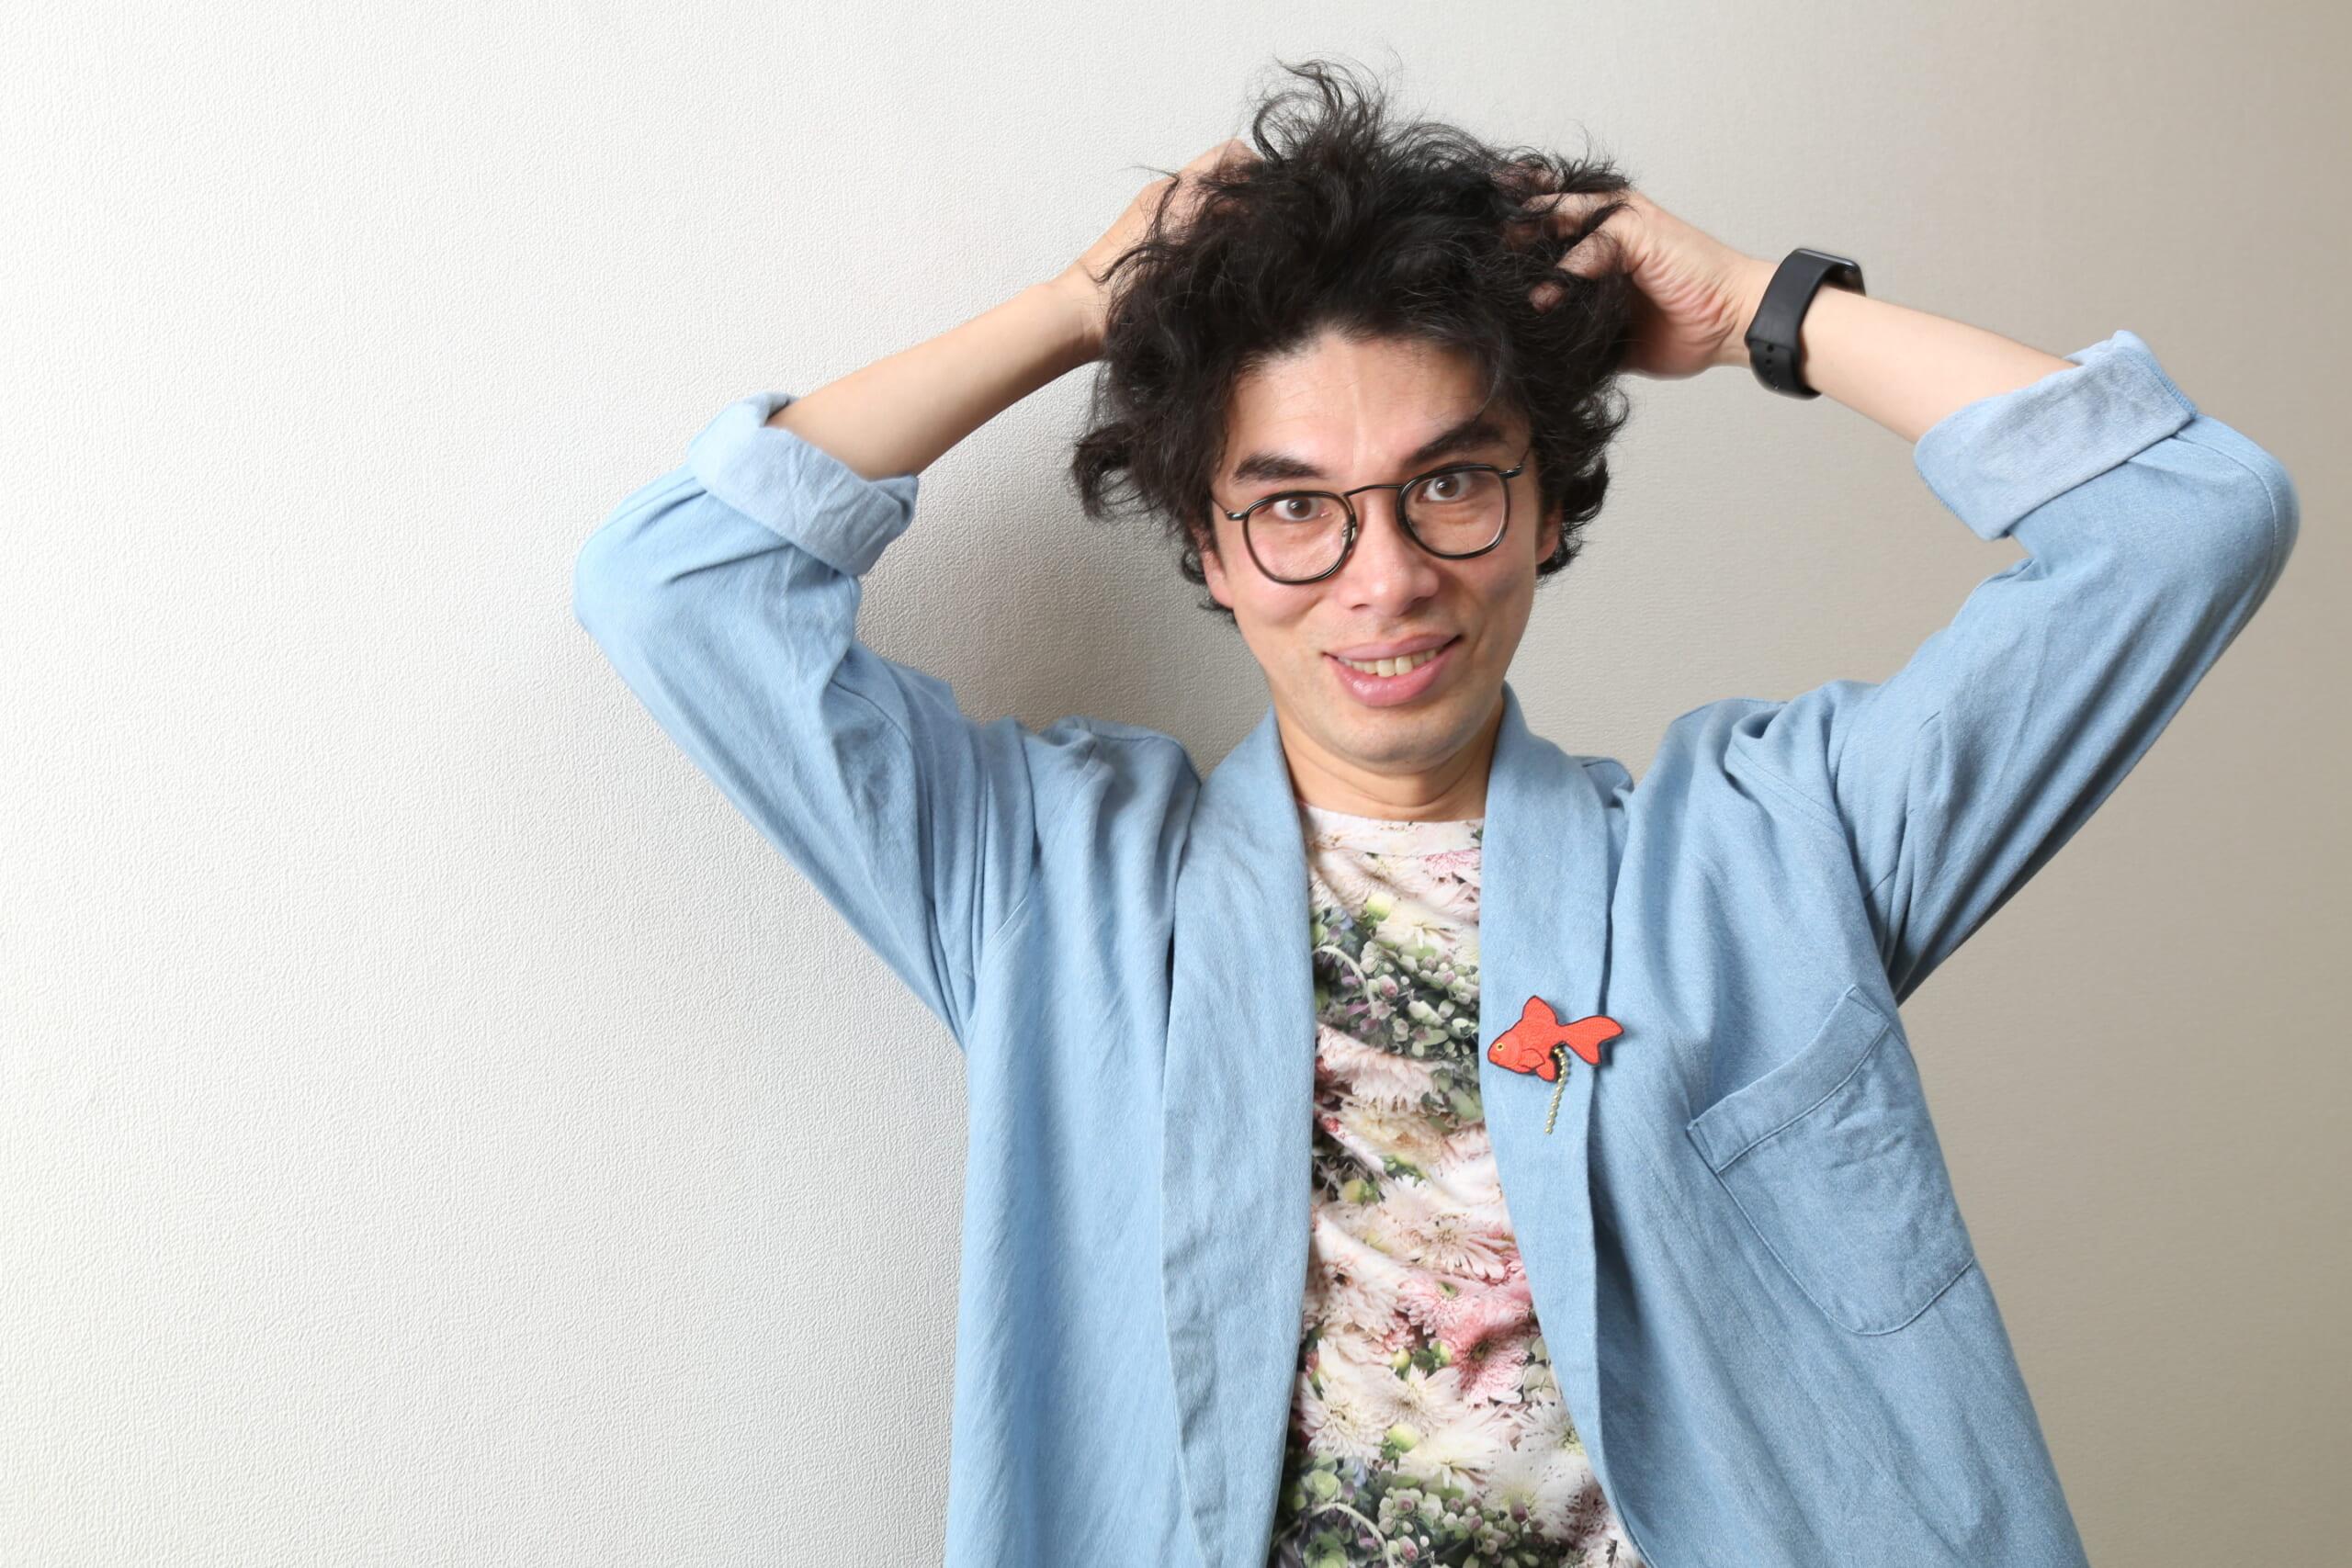 片桐仁「昔は吉田栄作さんみたいなサラサラヘアになりたかった」